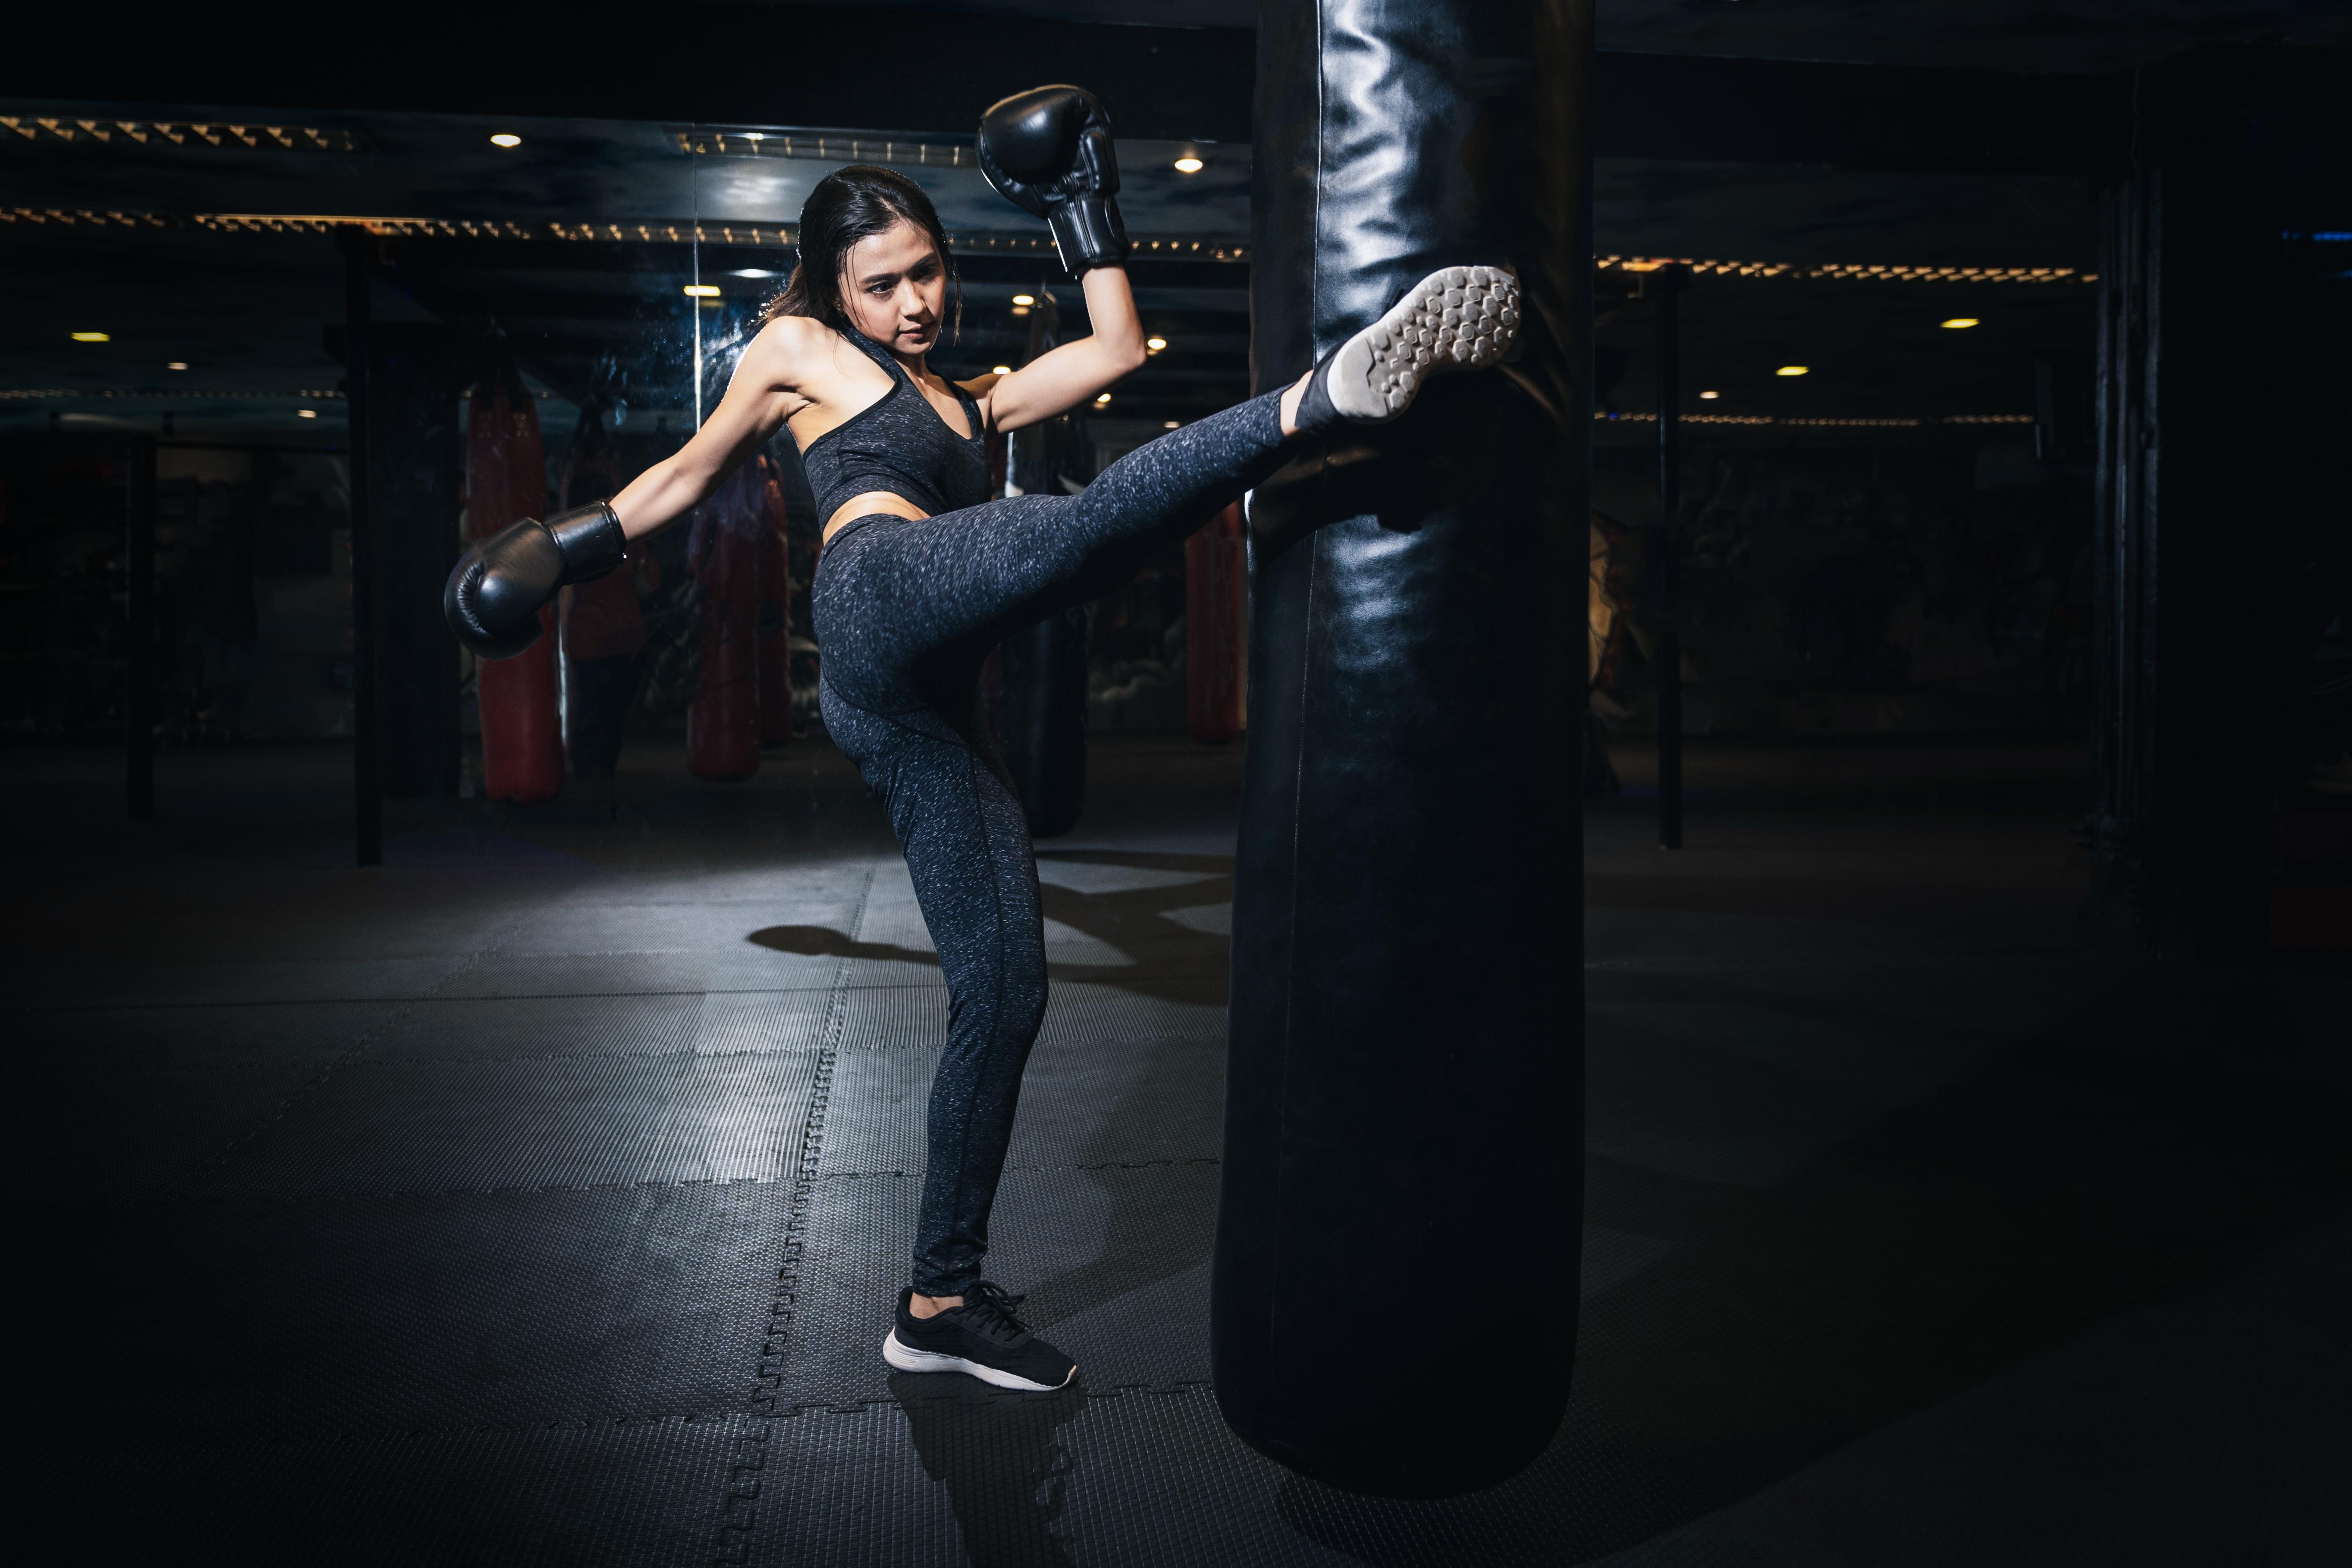 キックボクシングとボクシングの共通点